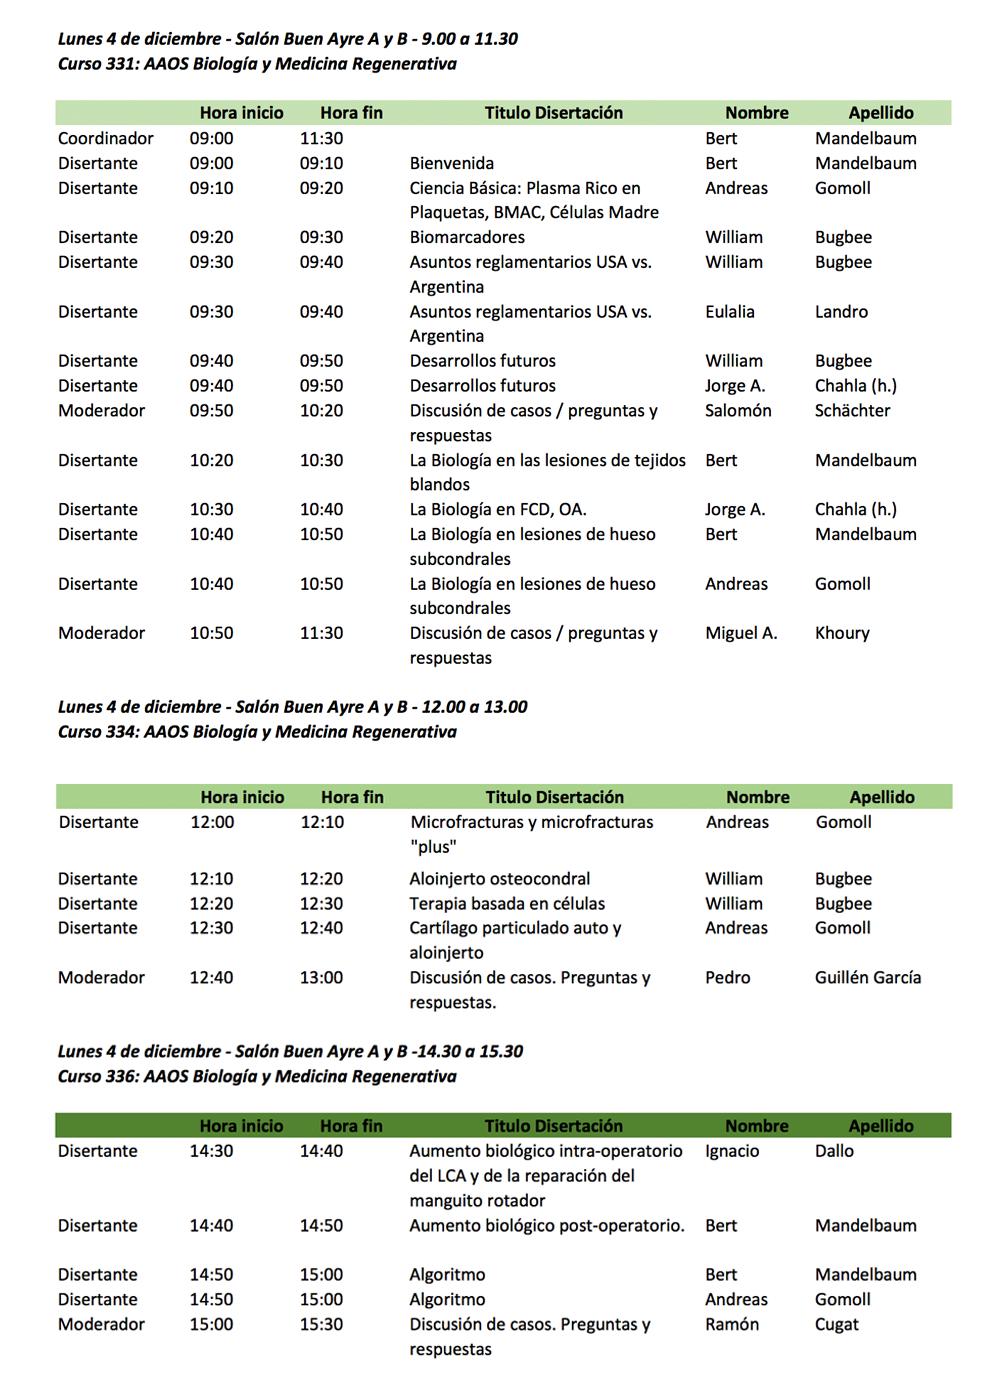 Programa completo Curso AAOS Biología y Medicina Regenerativa